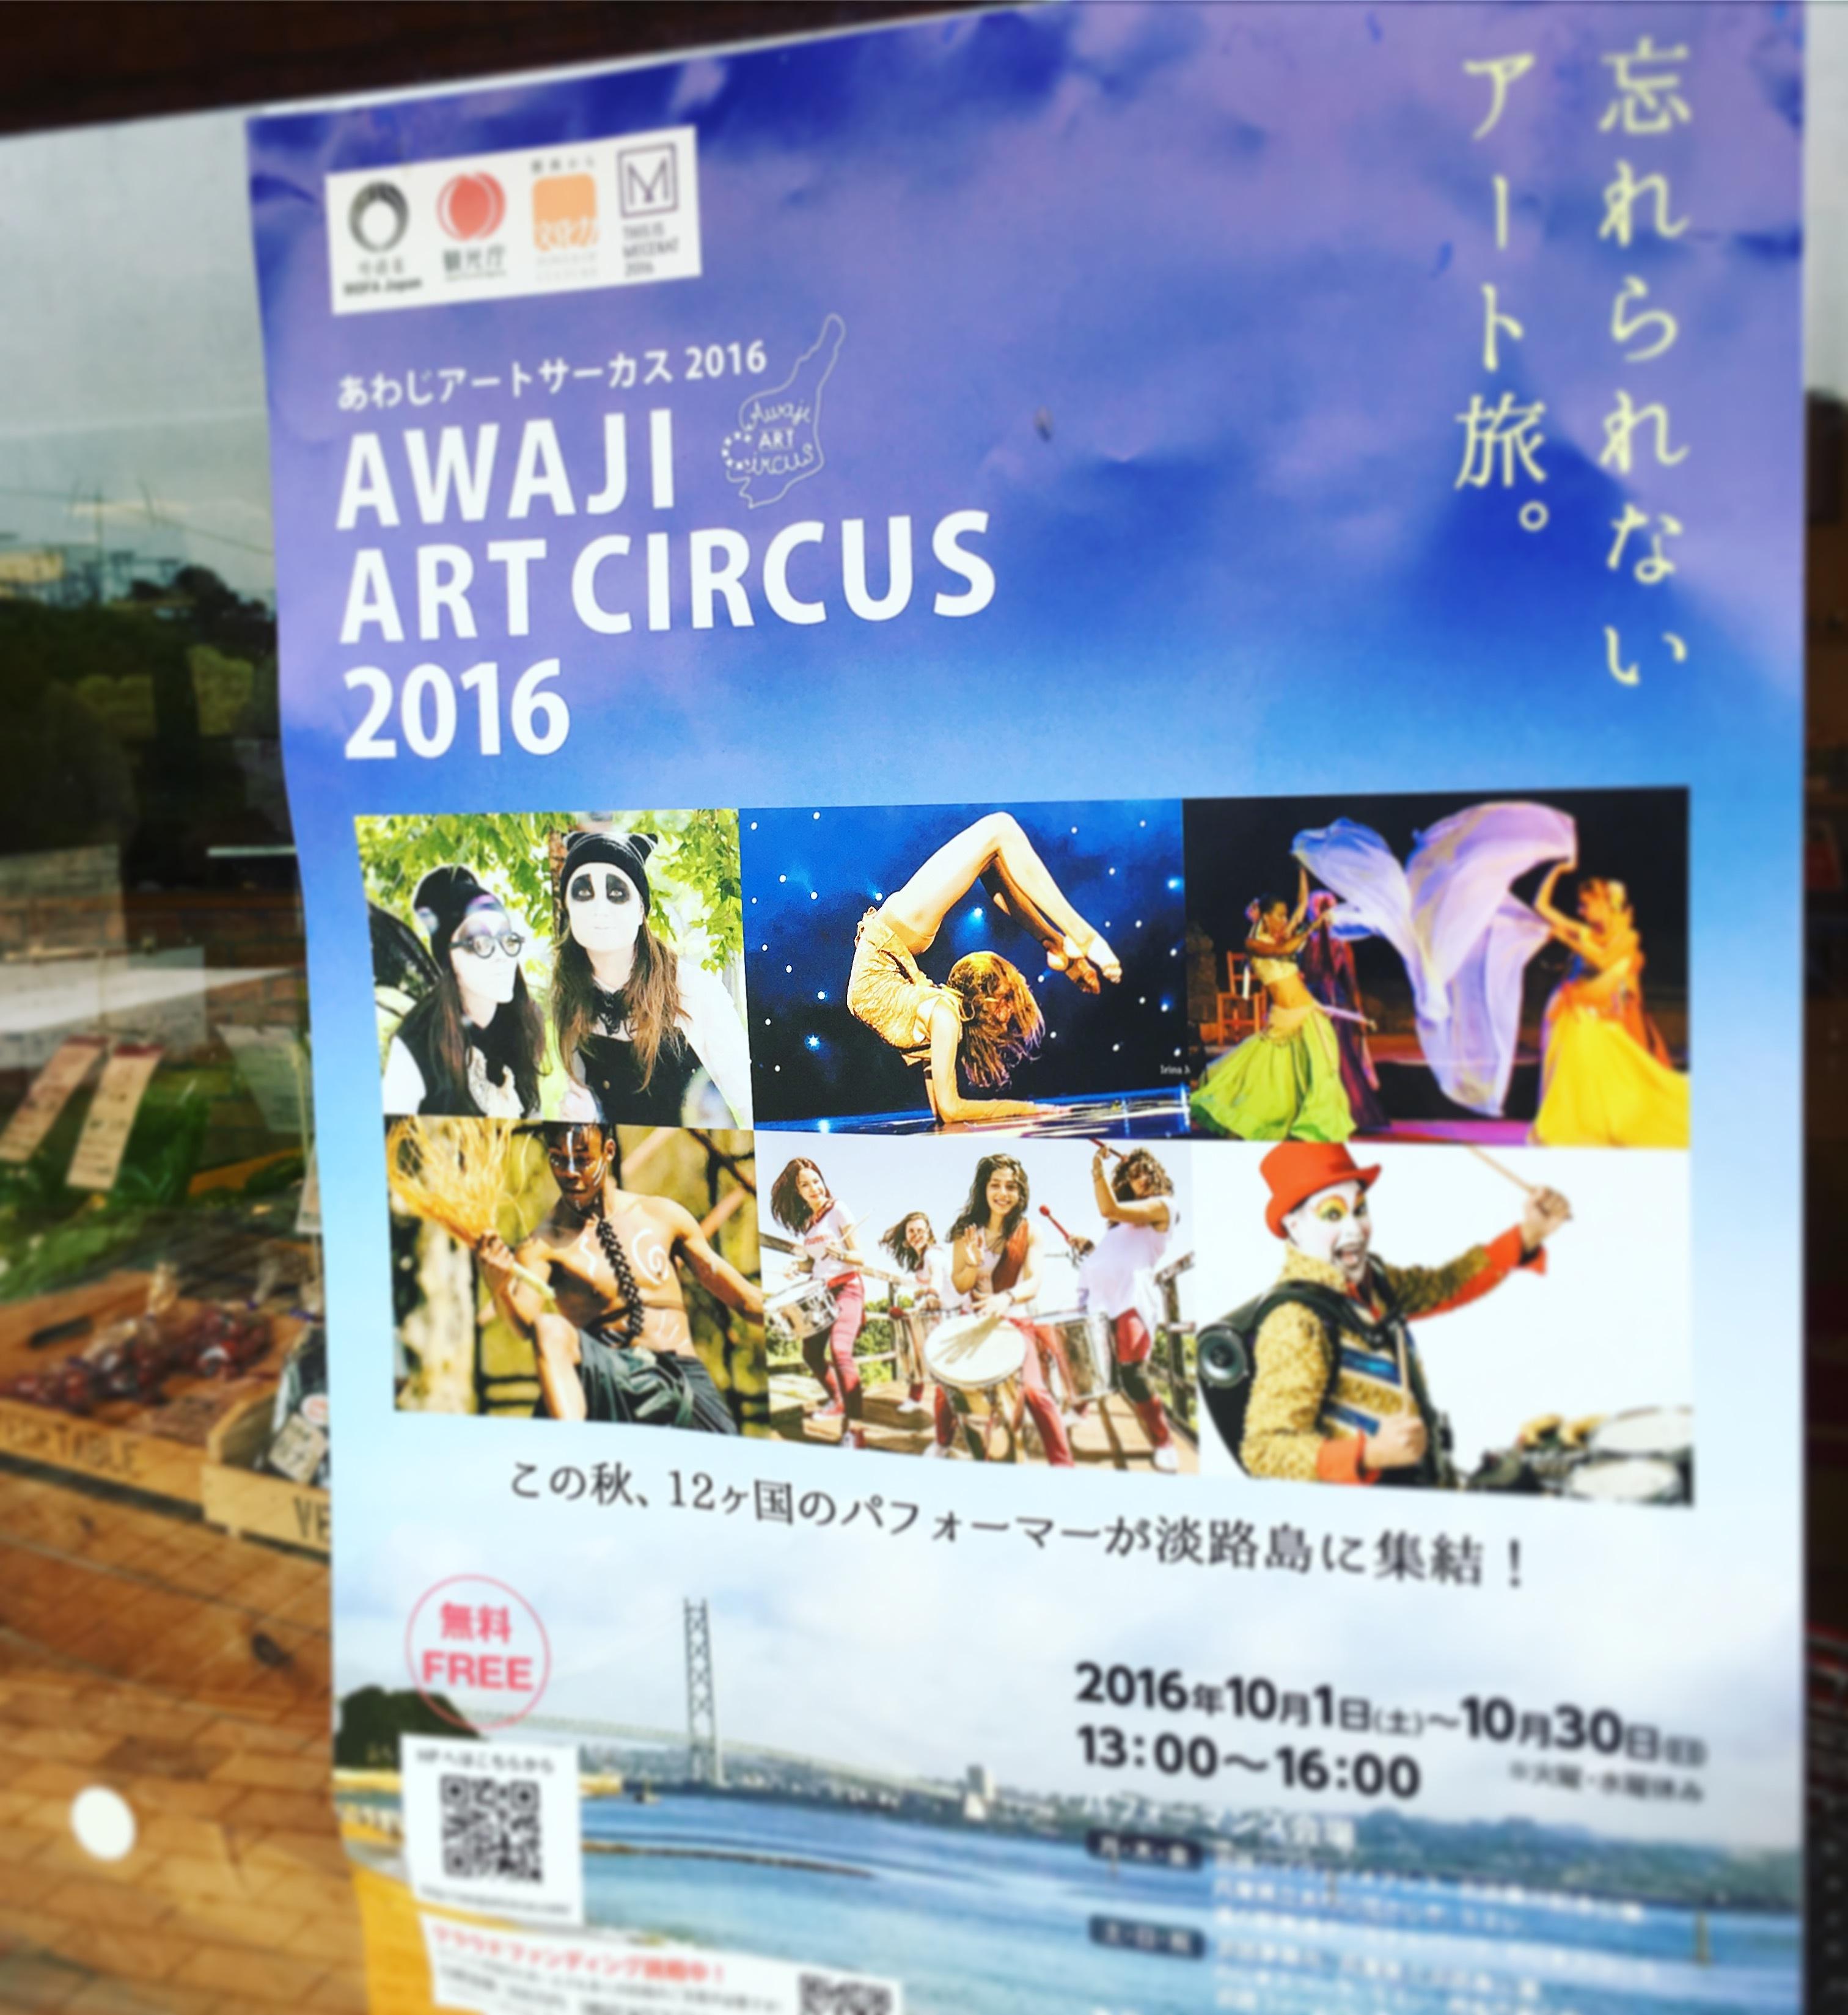 アートサーカス2016のポスター